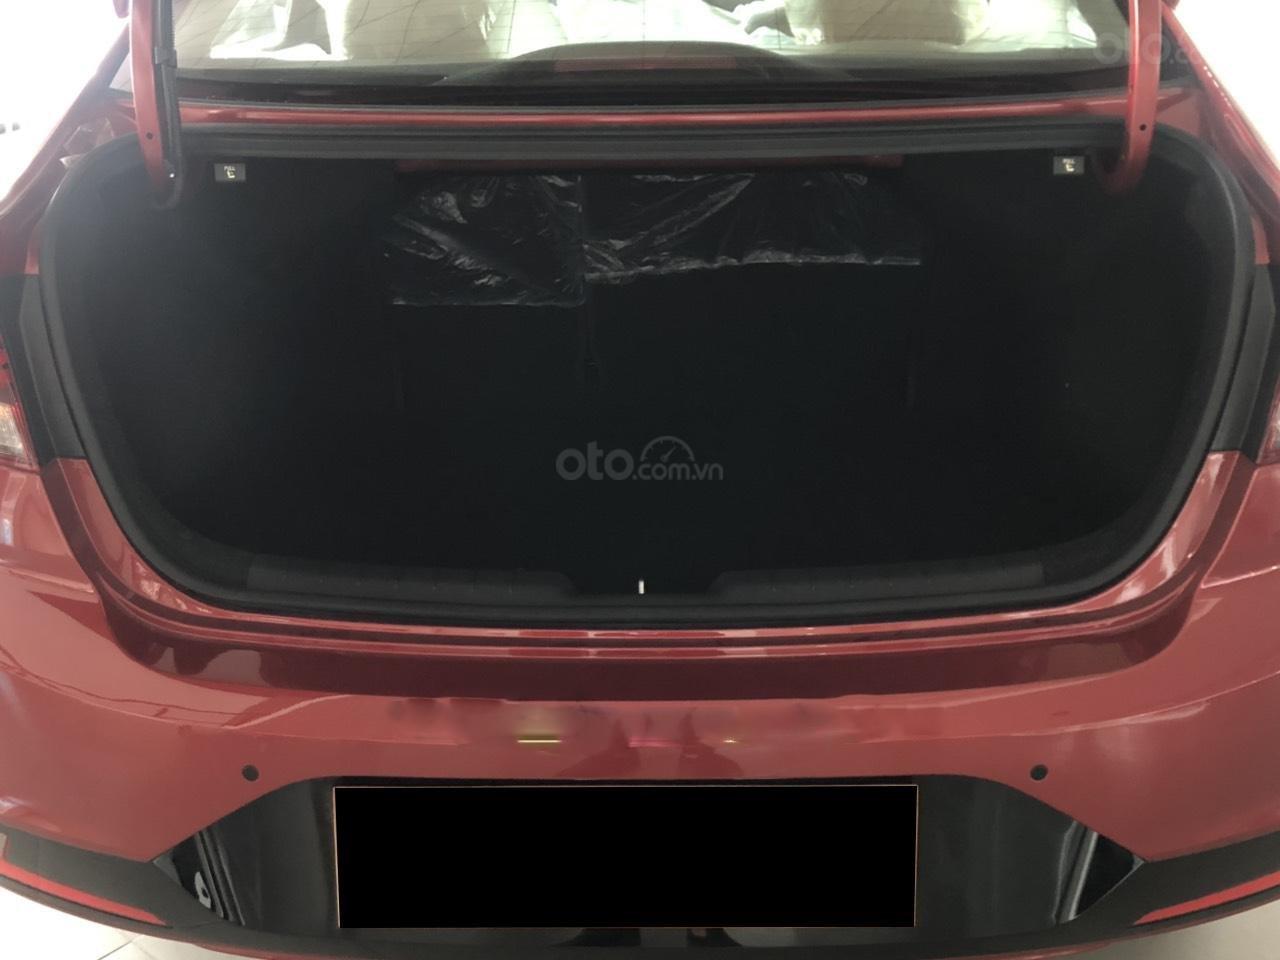 Hyundai Elentra 2019 - Giá tốt - Xe sẵn - Bank bao đậu (6)